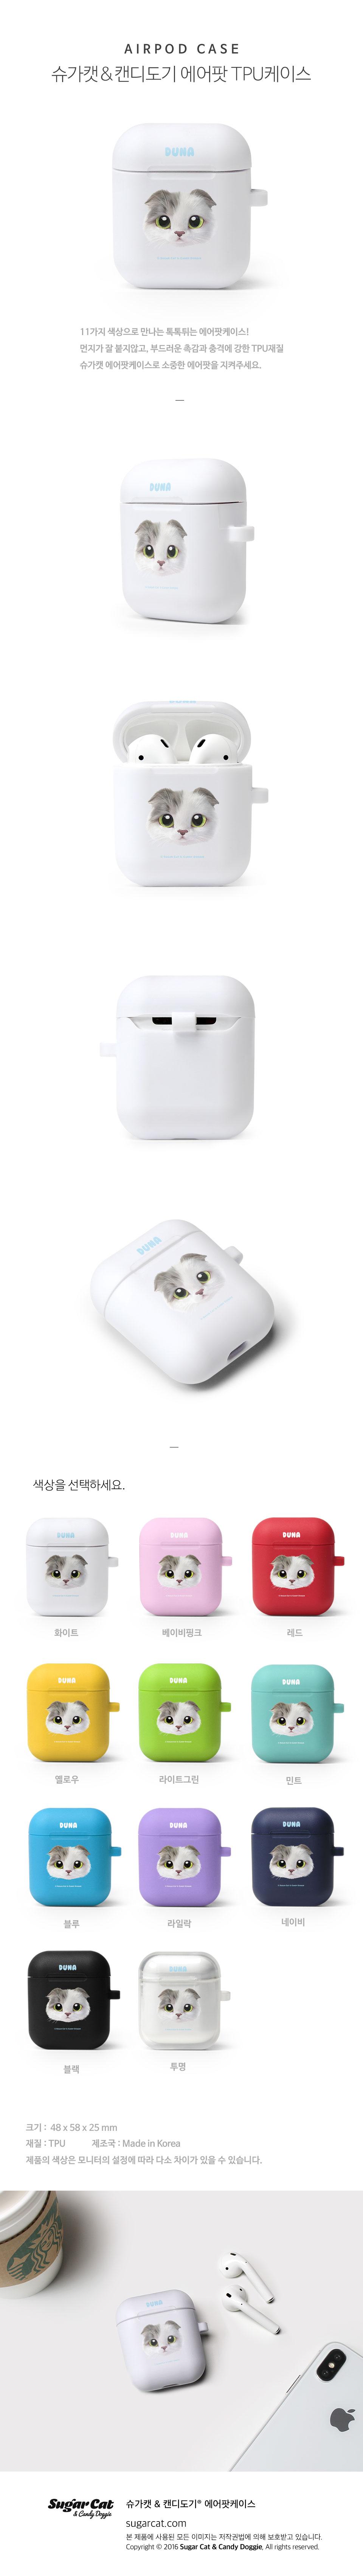 두나 얼굴 에어팟 TPU케이스 - 슈가캣 캔디도기, 13,000원, 이어폰, 이어폰 악세서리